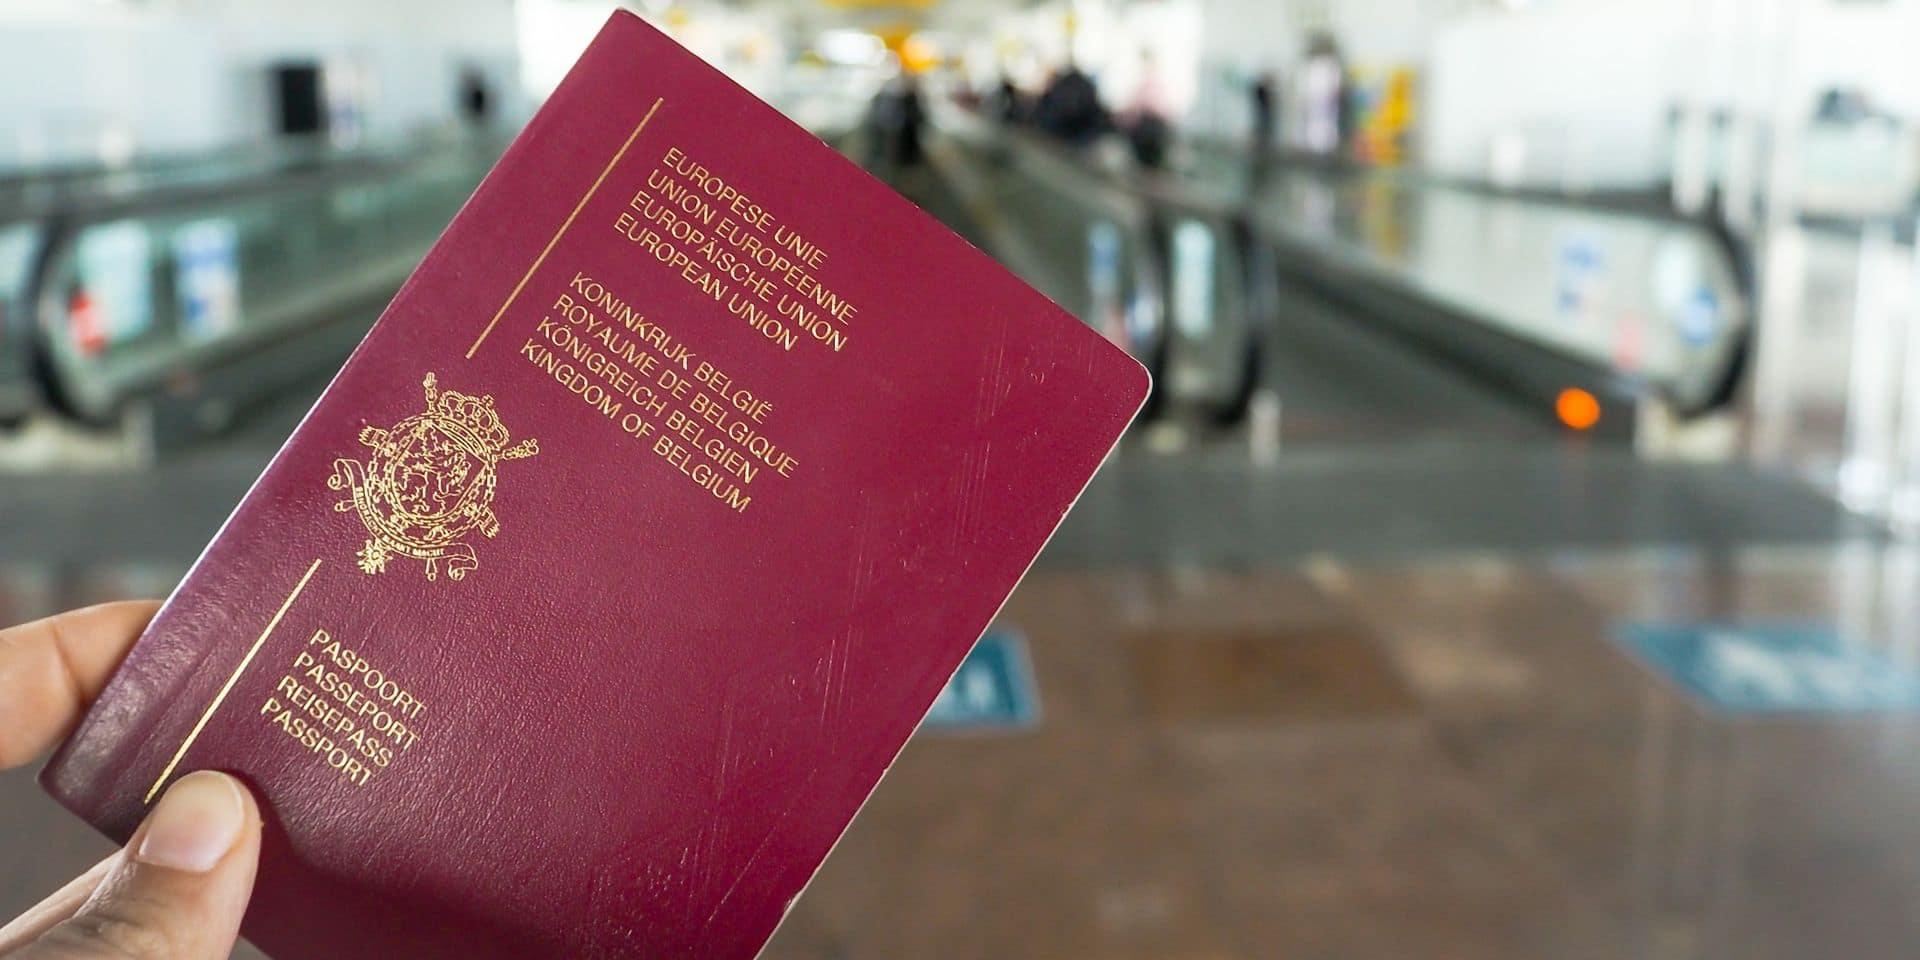 Il faut désormais un passeport pour se rendre au Royaume-Uni: cela va coûter cher pour les demandes de dernière minute